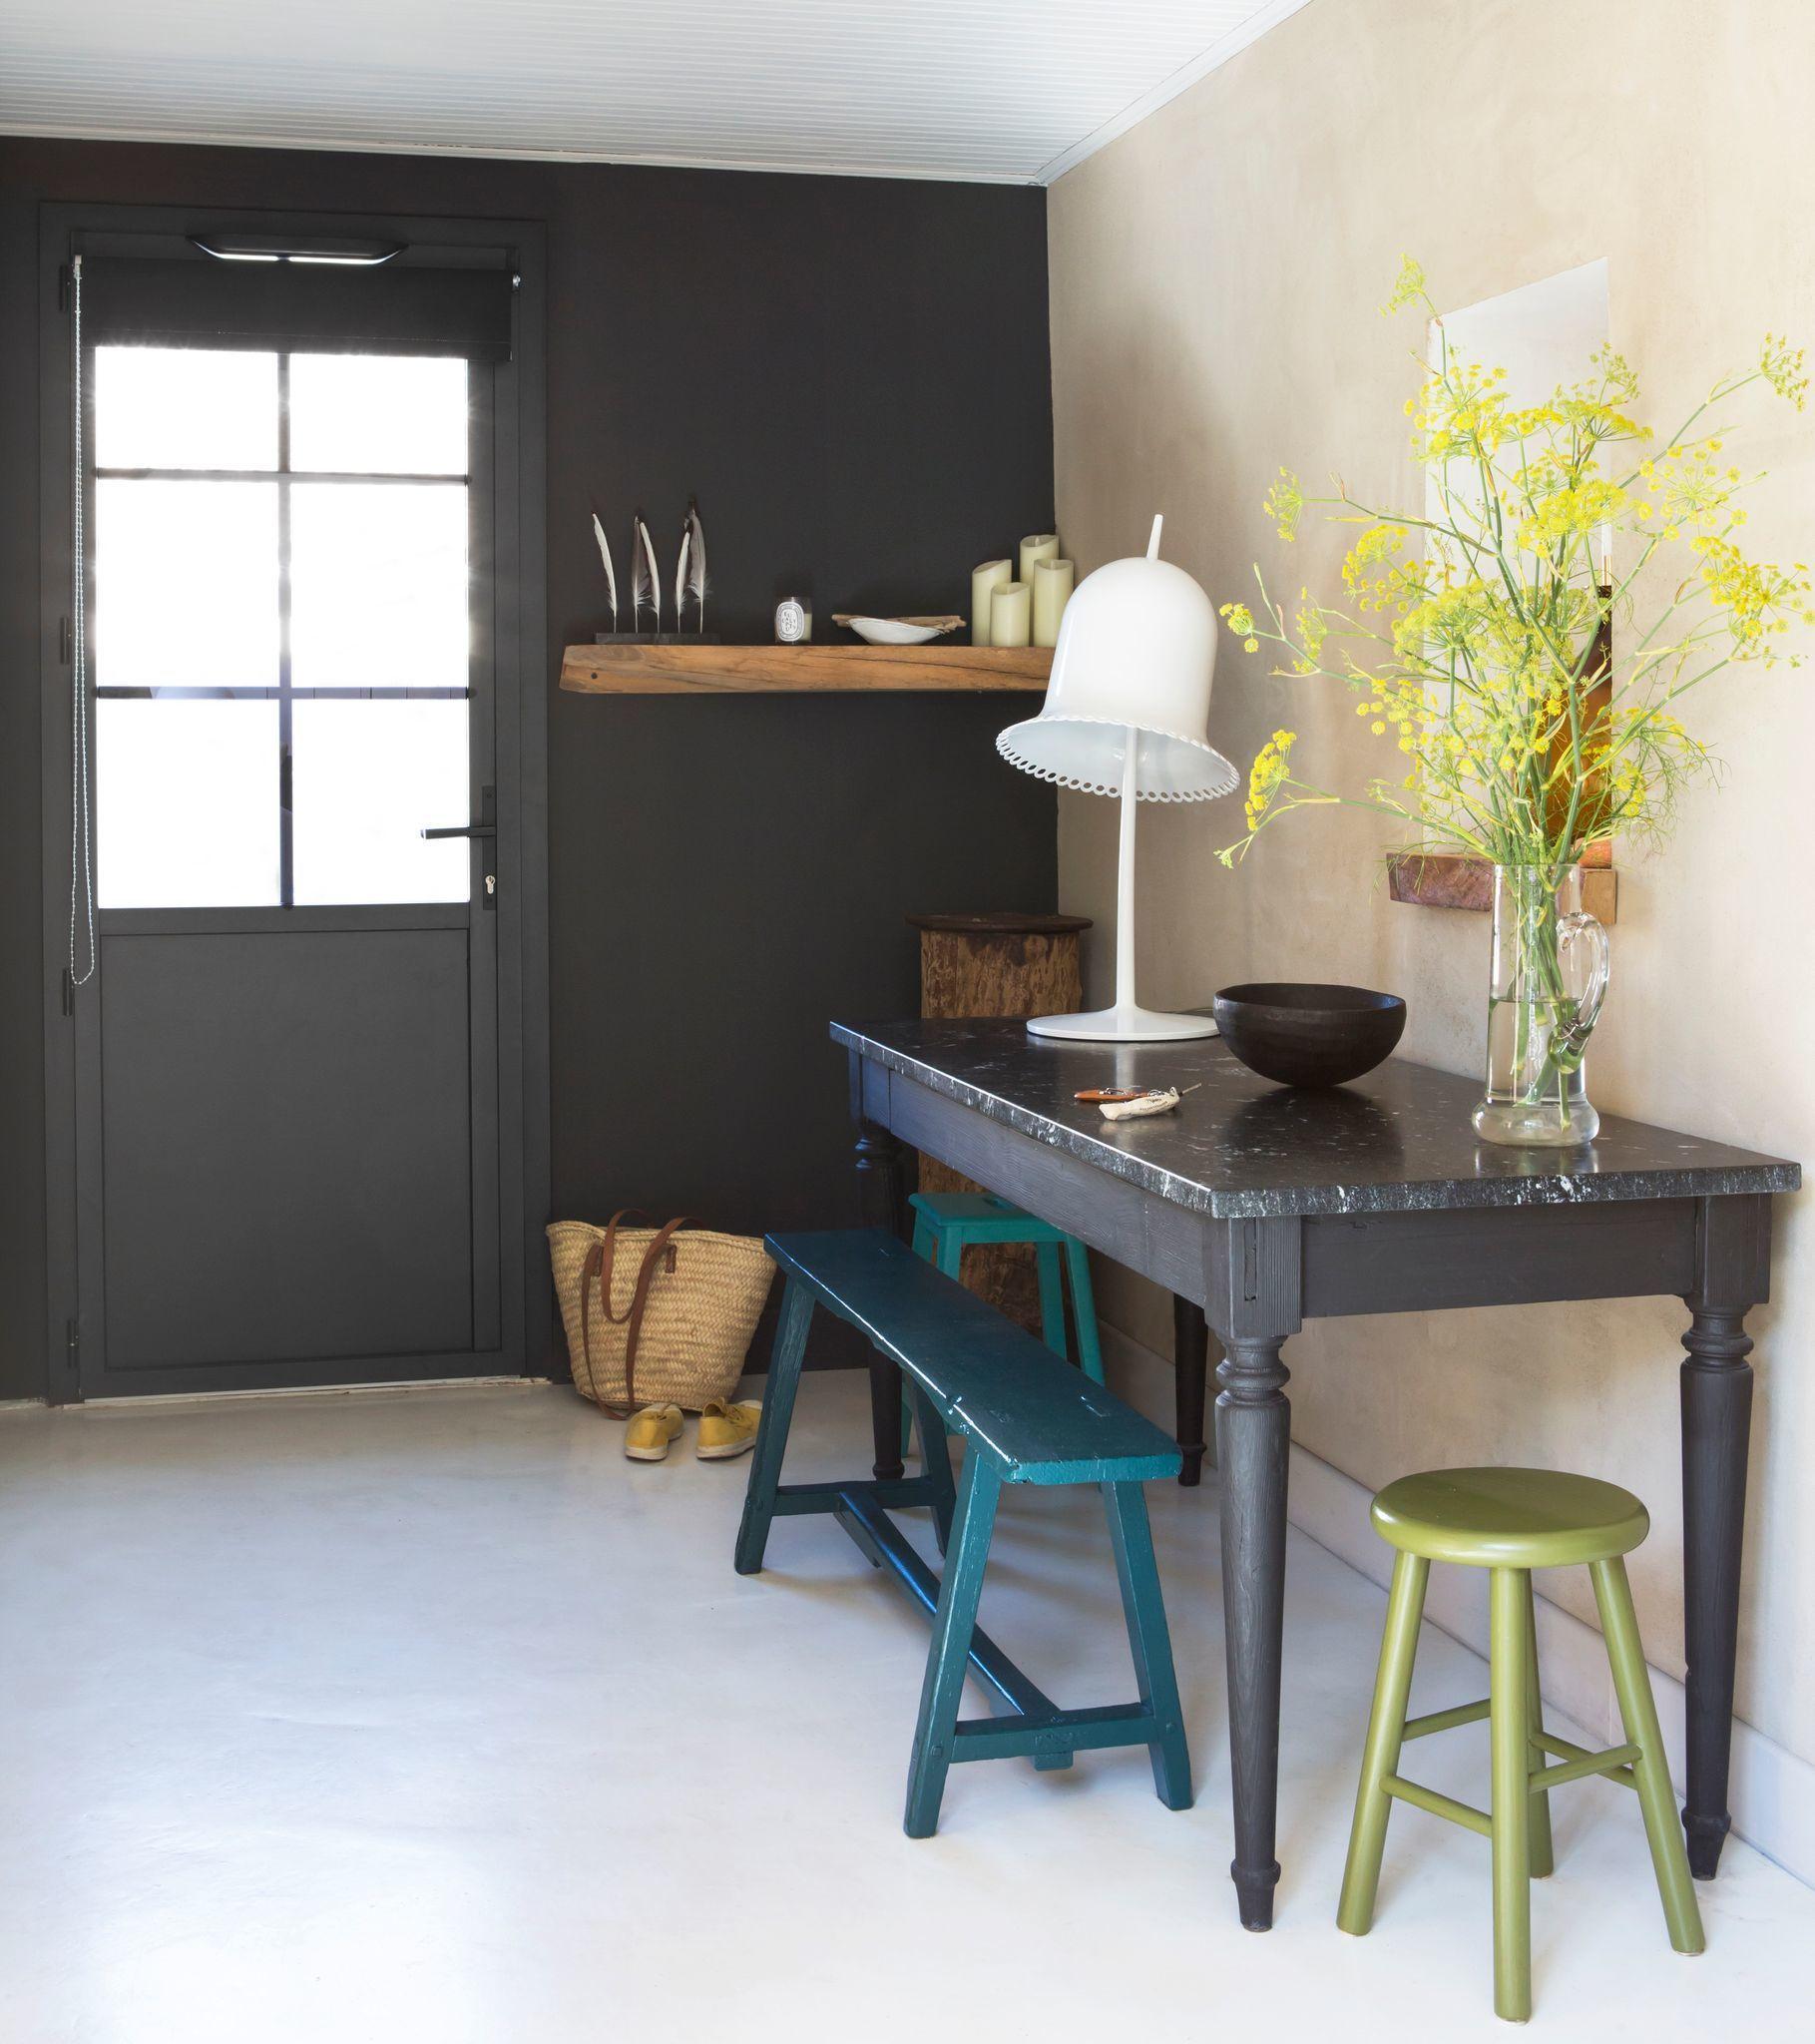 Idee Peinture Salon Cuisine peinture couleur salle de bain, chambre, cuisine